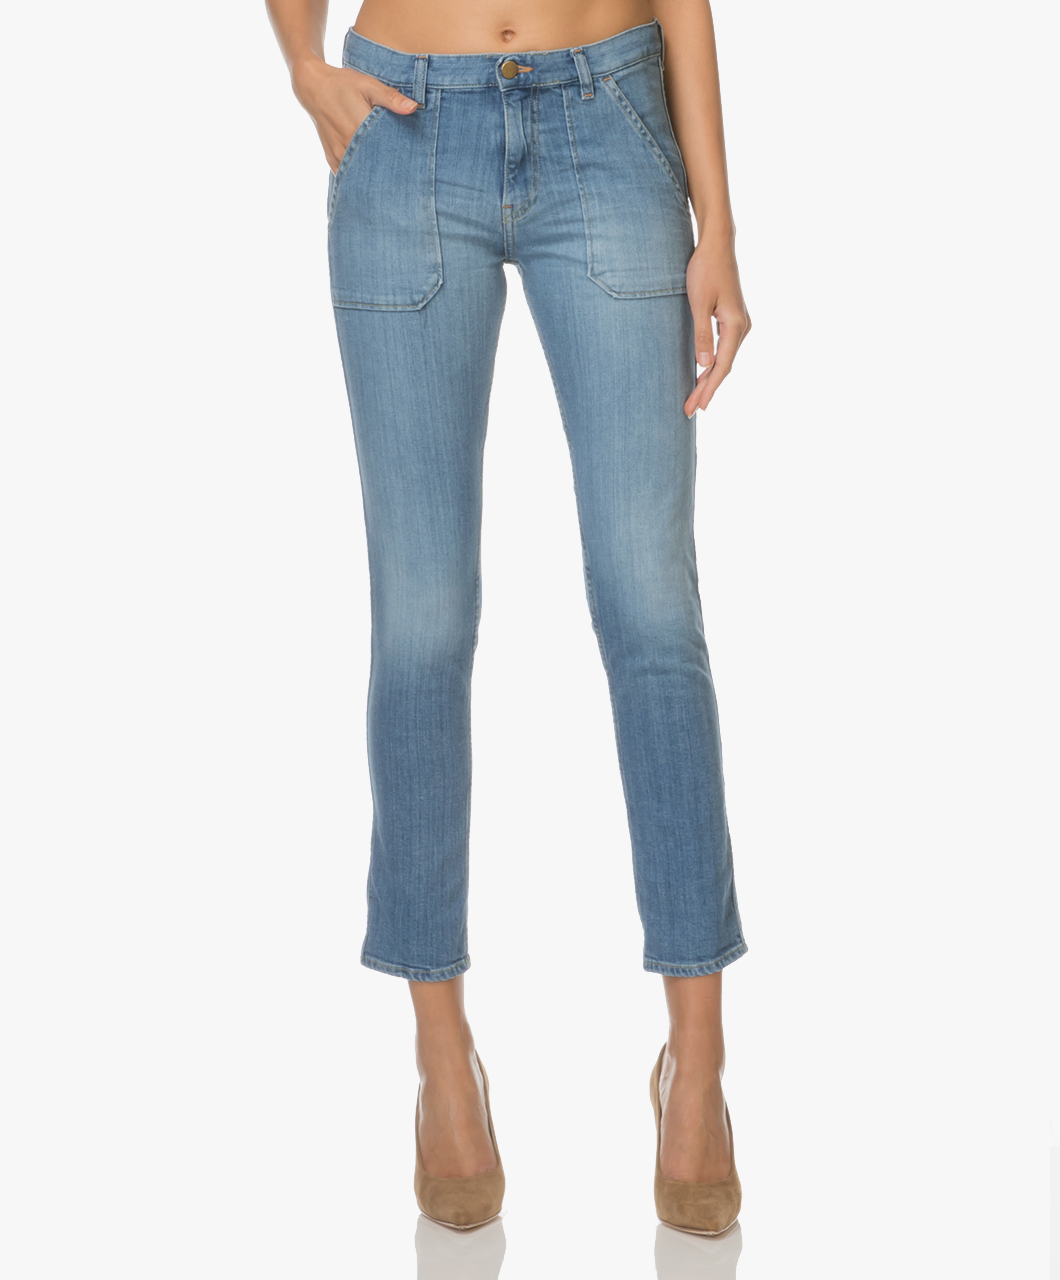 Afbeelding van Ba&sh Jeans Light Used Blue Sally Girlfriend